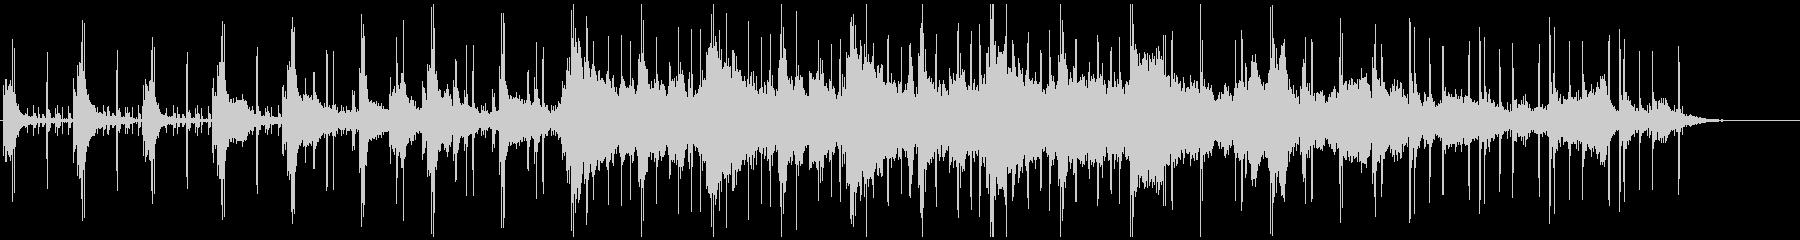 ピアノとビートによるクールなアンビエントの未再生の波形